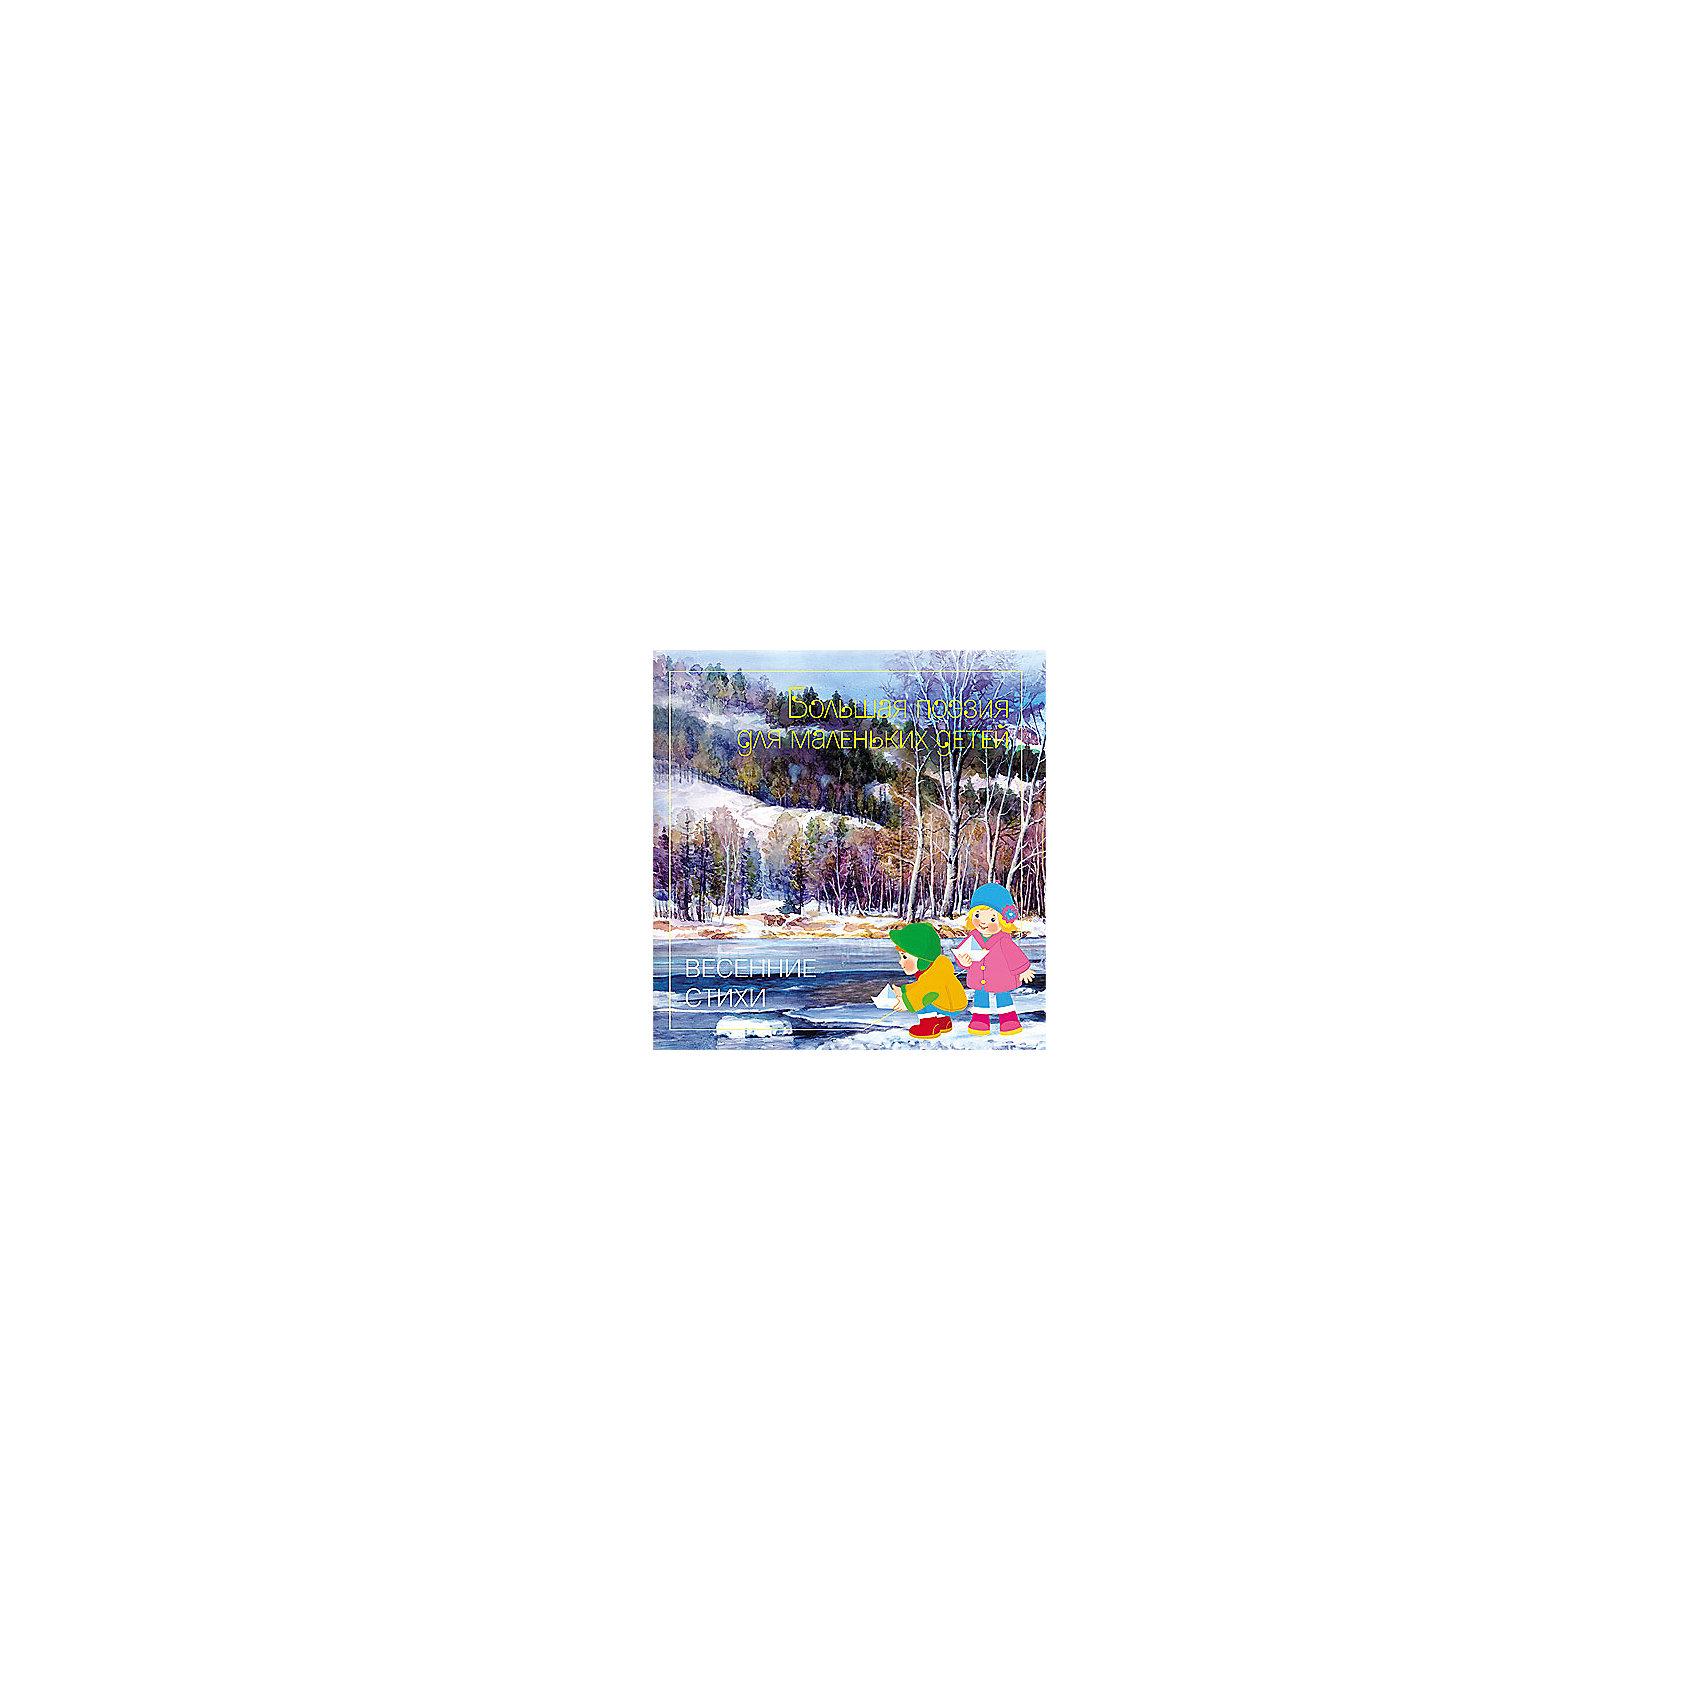 Сборник стихотворений русских классиков Весенние стихиСтихи<br>Сборник стихотворений русских классиков Весенние стихи.<br><br>Характеристики:<br><br>• Для детей в возрасте: от 3 до 9 лет<br>• Художник: Владимир Белоусов<br>• Издательство: Мозаика-Синтез, 2011<br>• Серия: Большая поэзия для маленьких детей<br>• Тип обложки: мягкий переплет (крепление скрепкой или клеем)<br>• Оформление: частичная лакировка<br>• Иллюстрации: цветные<br>• Количество страниц:  24 (мелованная)<br>• Размер: 290х290х2 мм.<br>• Вес: 164 гр.<br>• ISBN: 9785867757069<br><br>Сборник стихотворений Весенние стихи – это большая поэзия для маленьких детей. На страницах этой книги собраны лучшие стихи русских классиков о весне. Это произведения А.С. Пушкина, Ф.И. Тютчева, А.К. Толстого, С.А. Есенина и других великих поэтов. Чтение принесет радость как малышам, для которых создана эта замечательная книга, так и взрослым. Книга богато и красочно оформлена. Каждый разворот – это великолепный акварельный пейзаж. На его фоне крупным, хорошо читаемым шрифтом напечатано стихотворение.<br><br>Сборник стихотворений русских классиков Весенние стихи можно купить в нашем интернет-магазине.<br><br>Ширина мм: 200<br>Глубина мм: 290<br>Высота мм: 290<br>Вес г: 164<br>Возраст от месяцев: 36<br>Возраст до месяцев: 84<br>Пол: Унисекс<br>Возраст: Детский<br>SKU: 5523219